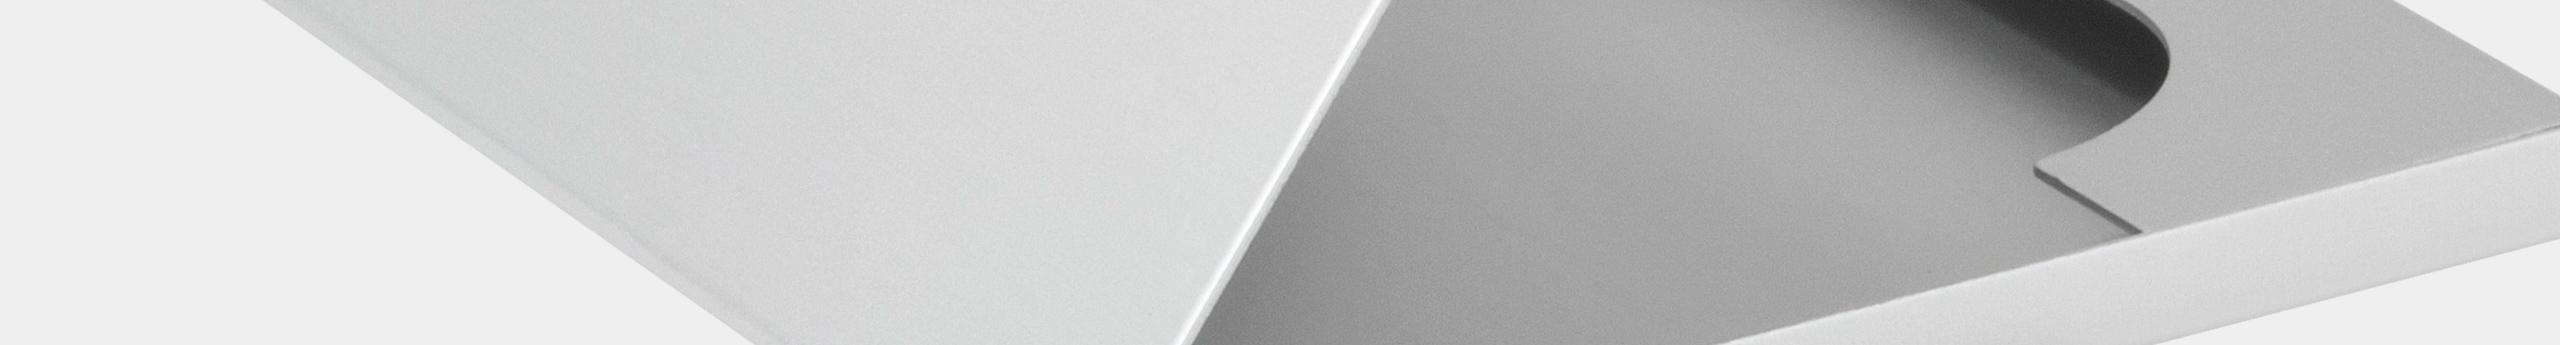 一加铝制名片夹11